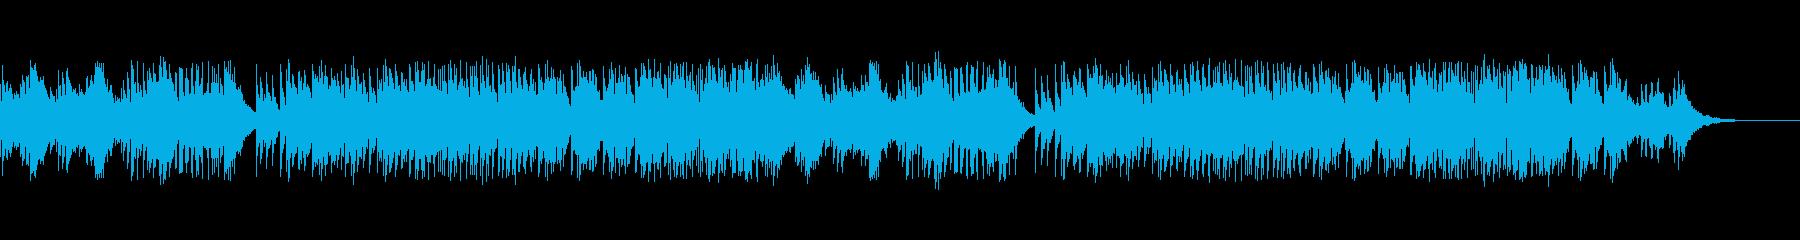 シリアスなサウンドが響くデジタルサウンドの再生済みの波形